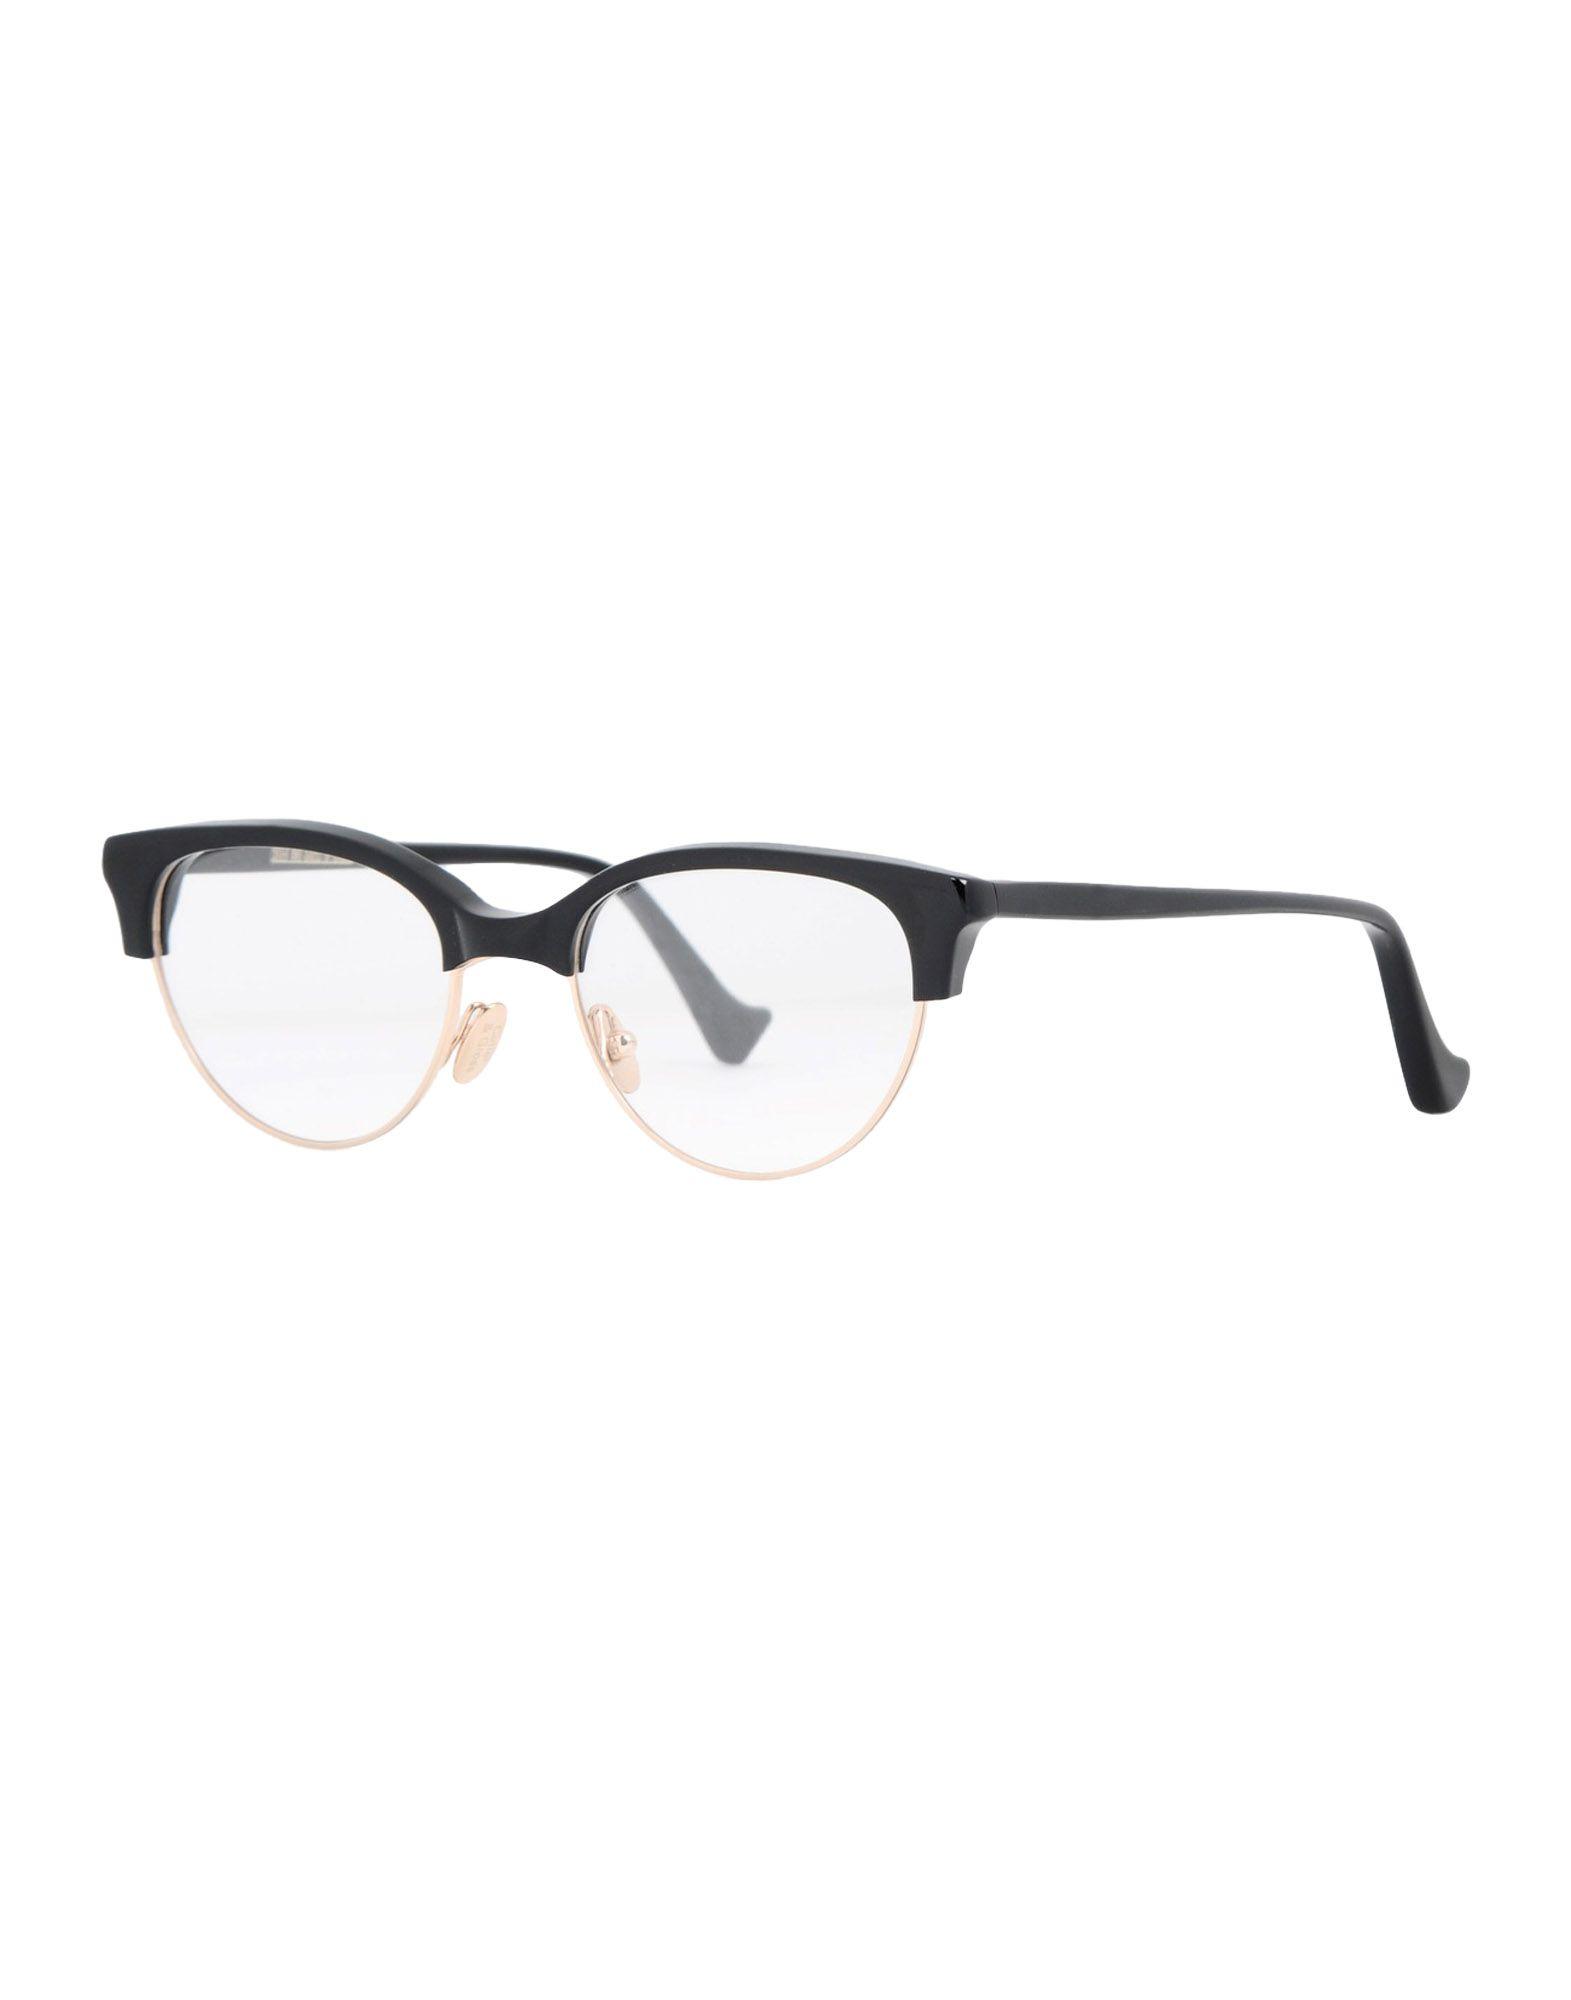 CUTLER AND GROSS Damen Brille Farbe Schwarz Größe 1